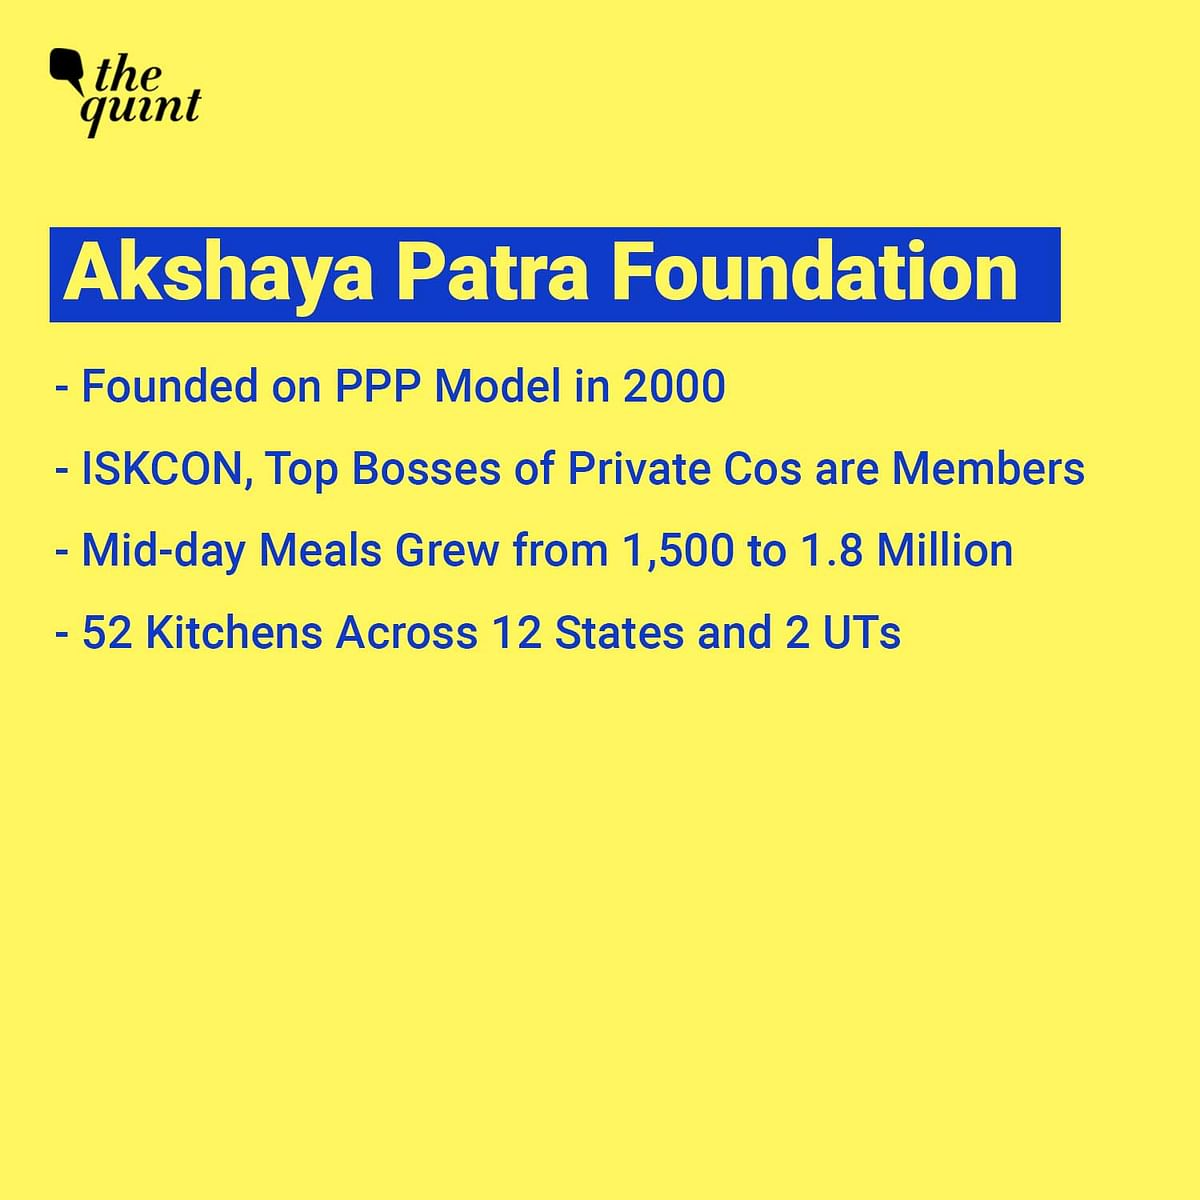 Why Mohandas Pai & Others Resigned From Akshaya Patra Foundation